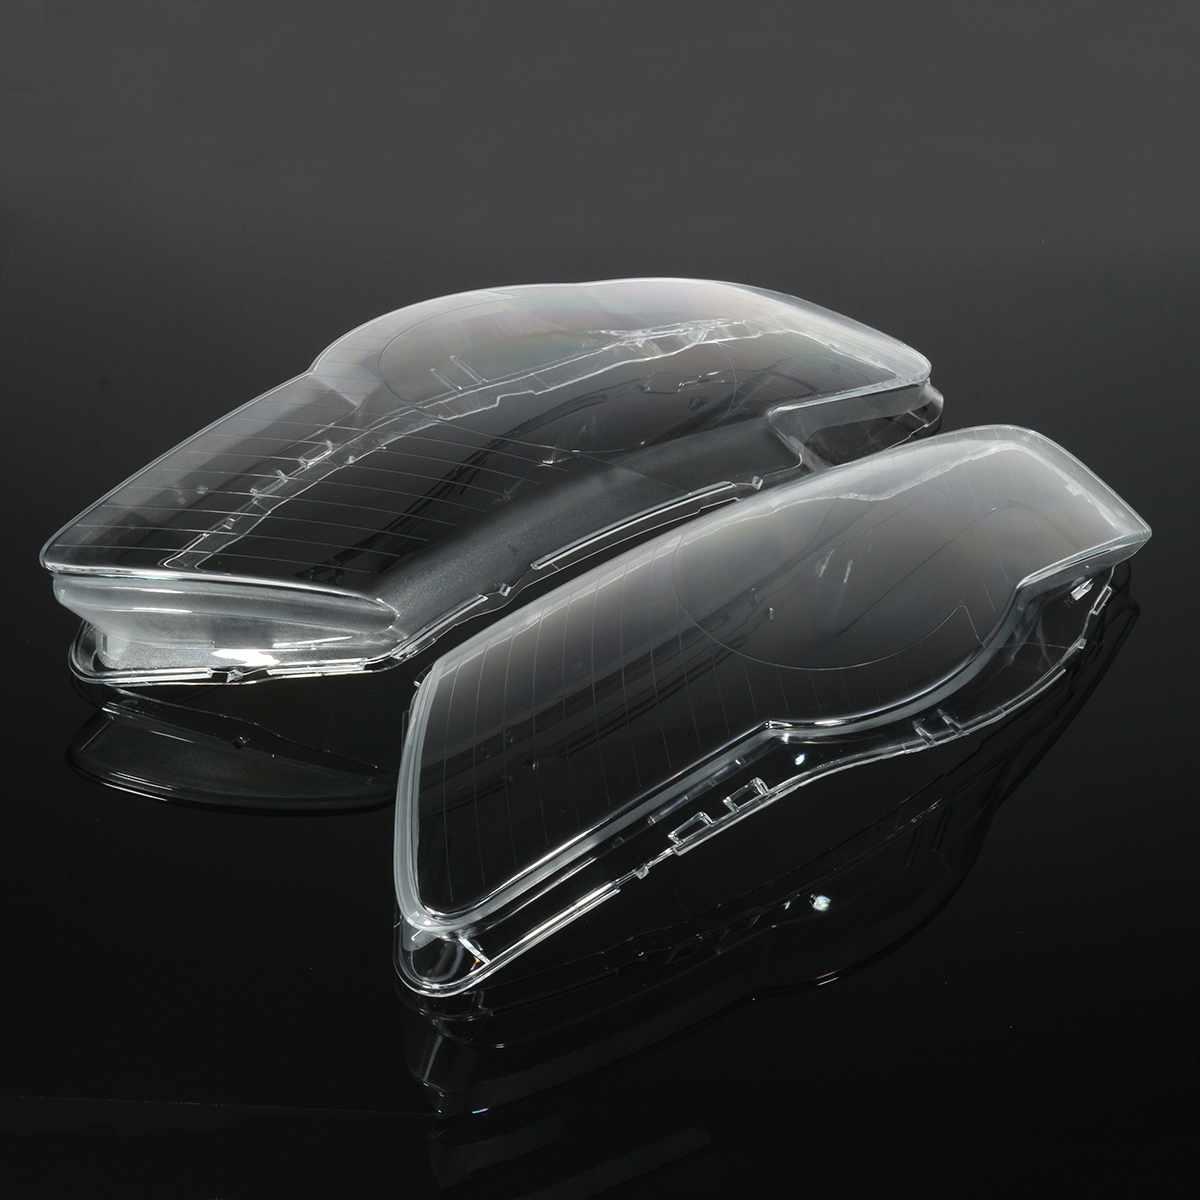 1 paar Auto Koplamp Koplamp Waterdichte Heldere Clear Cover Lens Lamp Hoods Voor Volkswagen VW Passat Magotan B6 R36